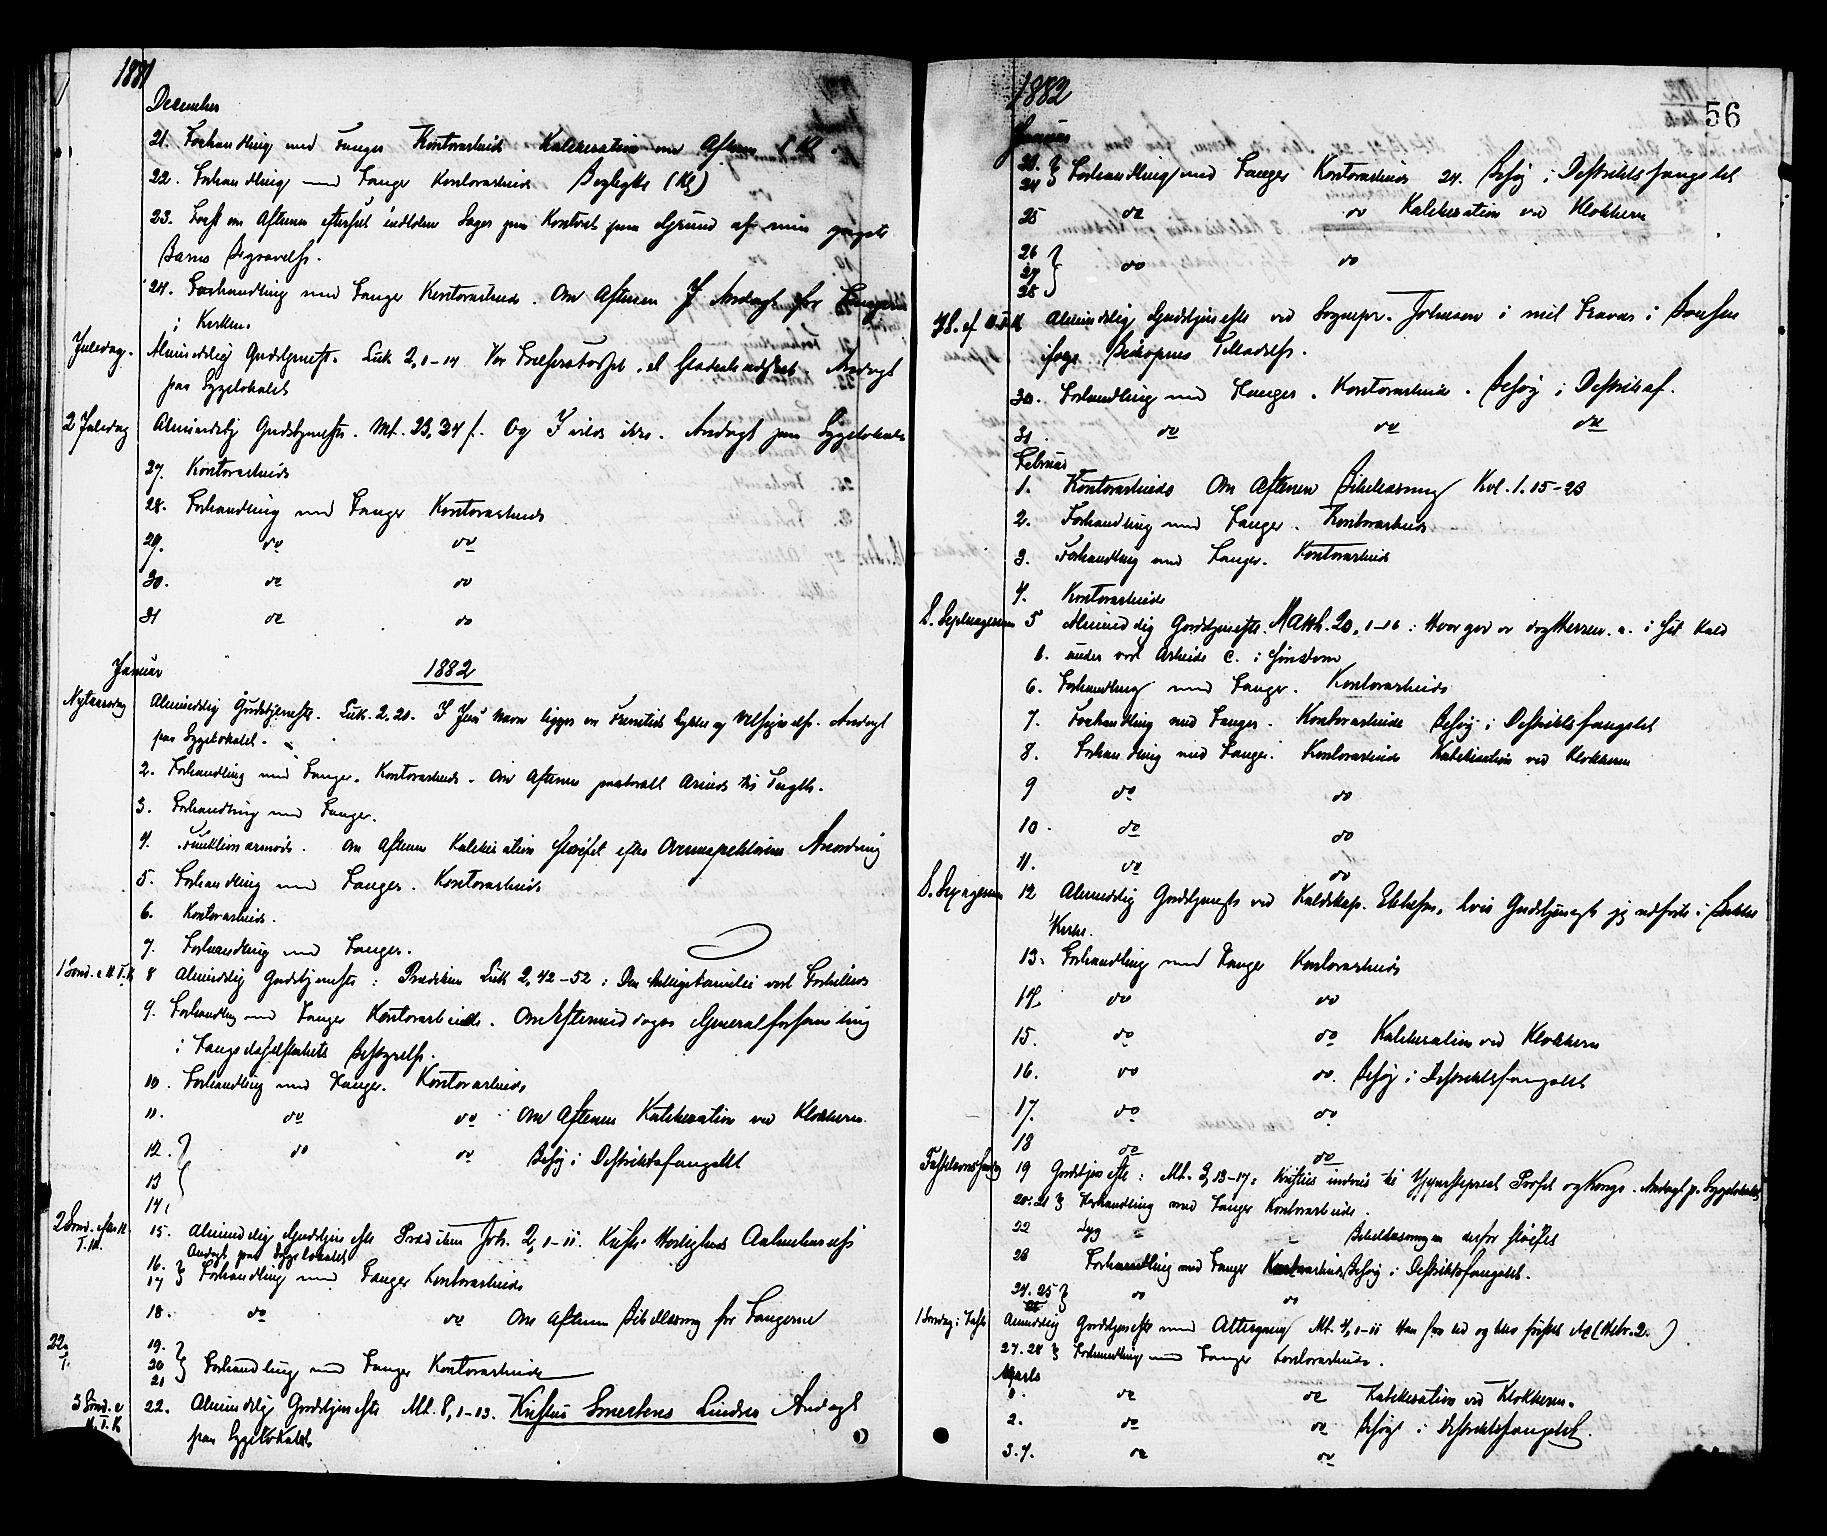 SAT, Ministerialprotokoller, klokkerbøker og fødselsregistre - Sør-Trøndelag, 624/L0482: Ministerialbok nr. 624A03, 1870-1918, s. 56